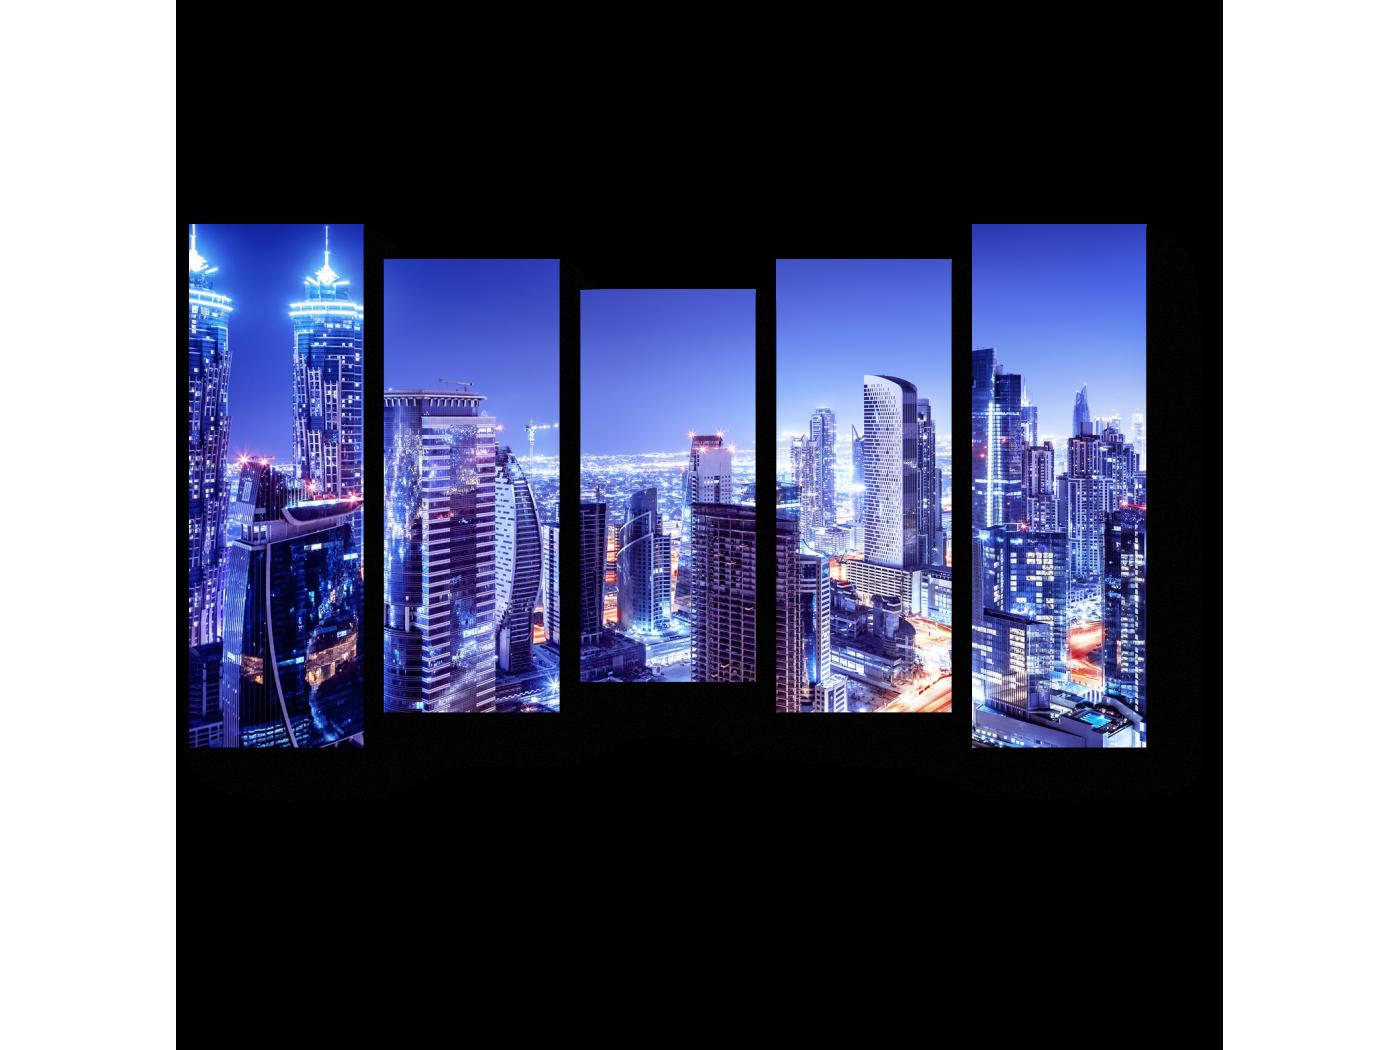 Модульная картина Дубай в сиянии ночных огней (90x54) фото